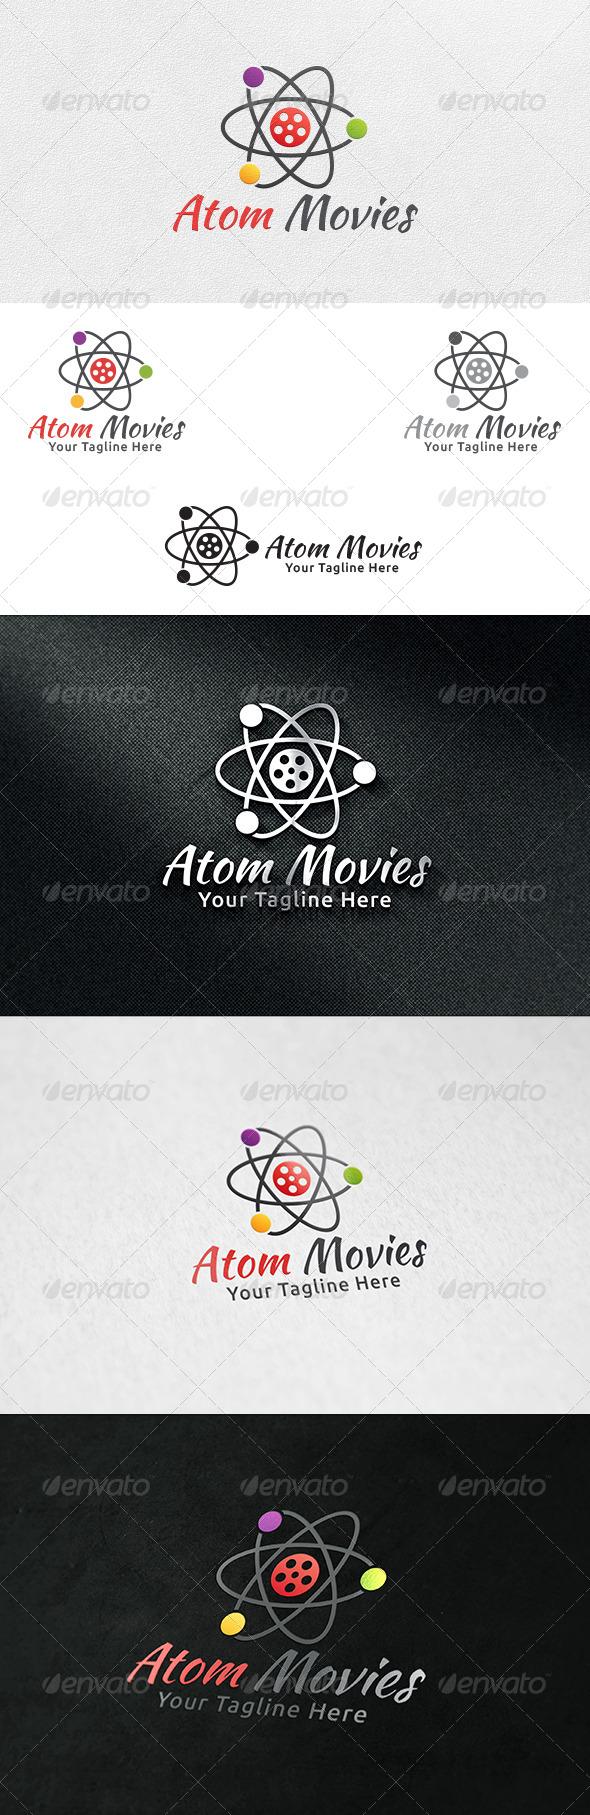 Atom Movies - Logo Template